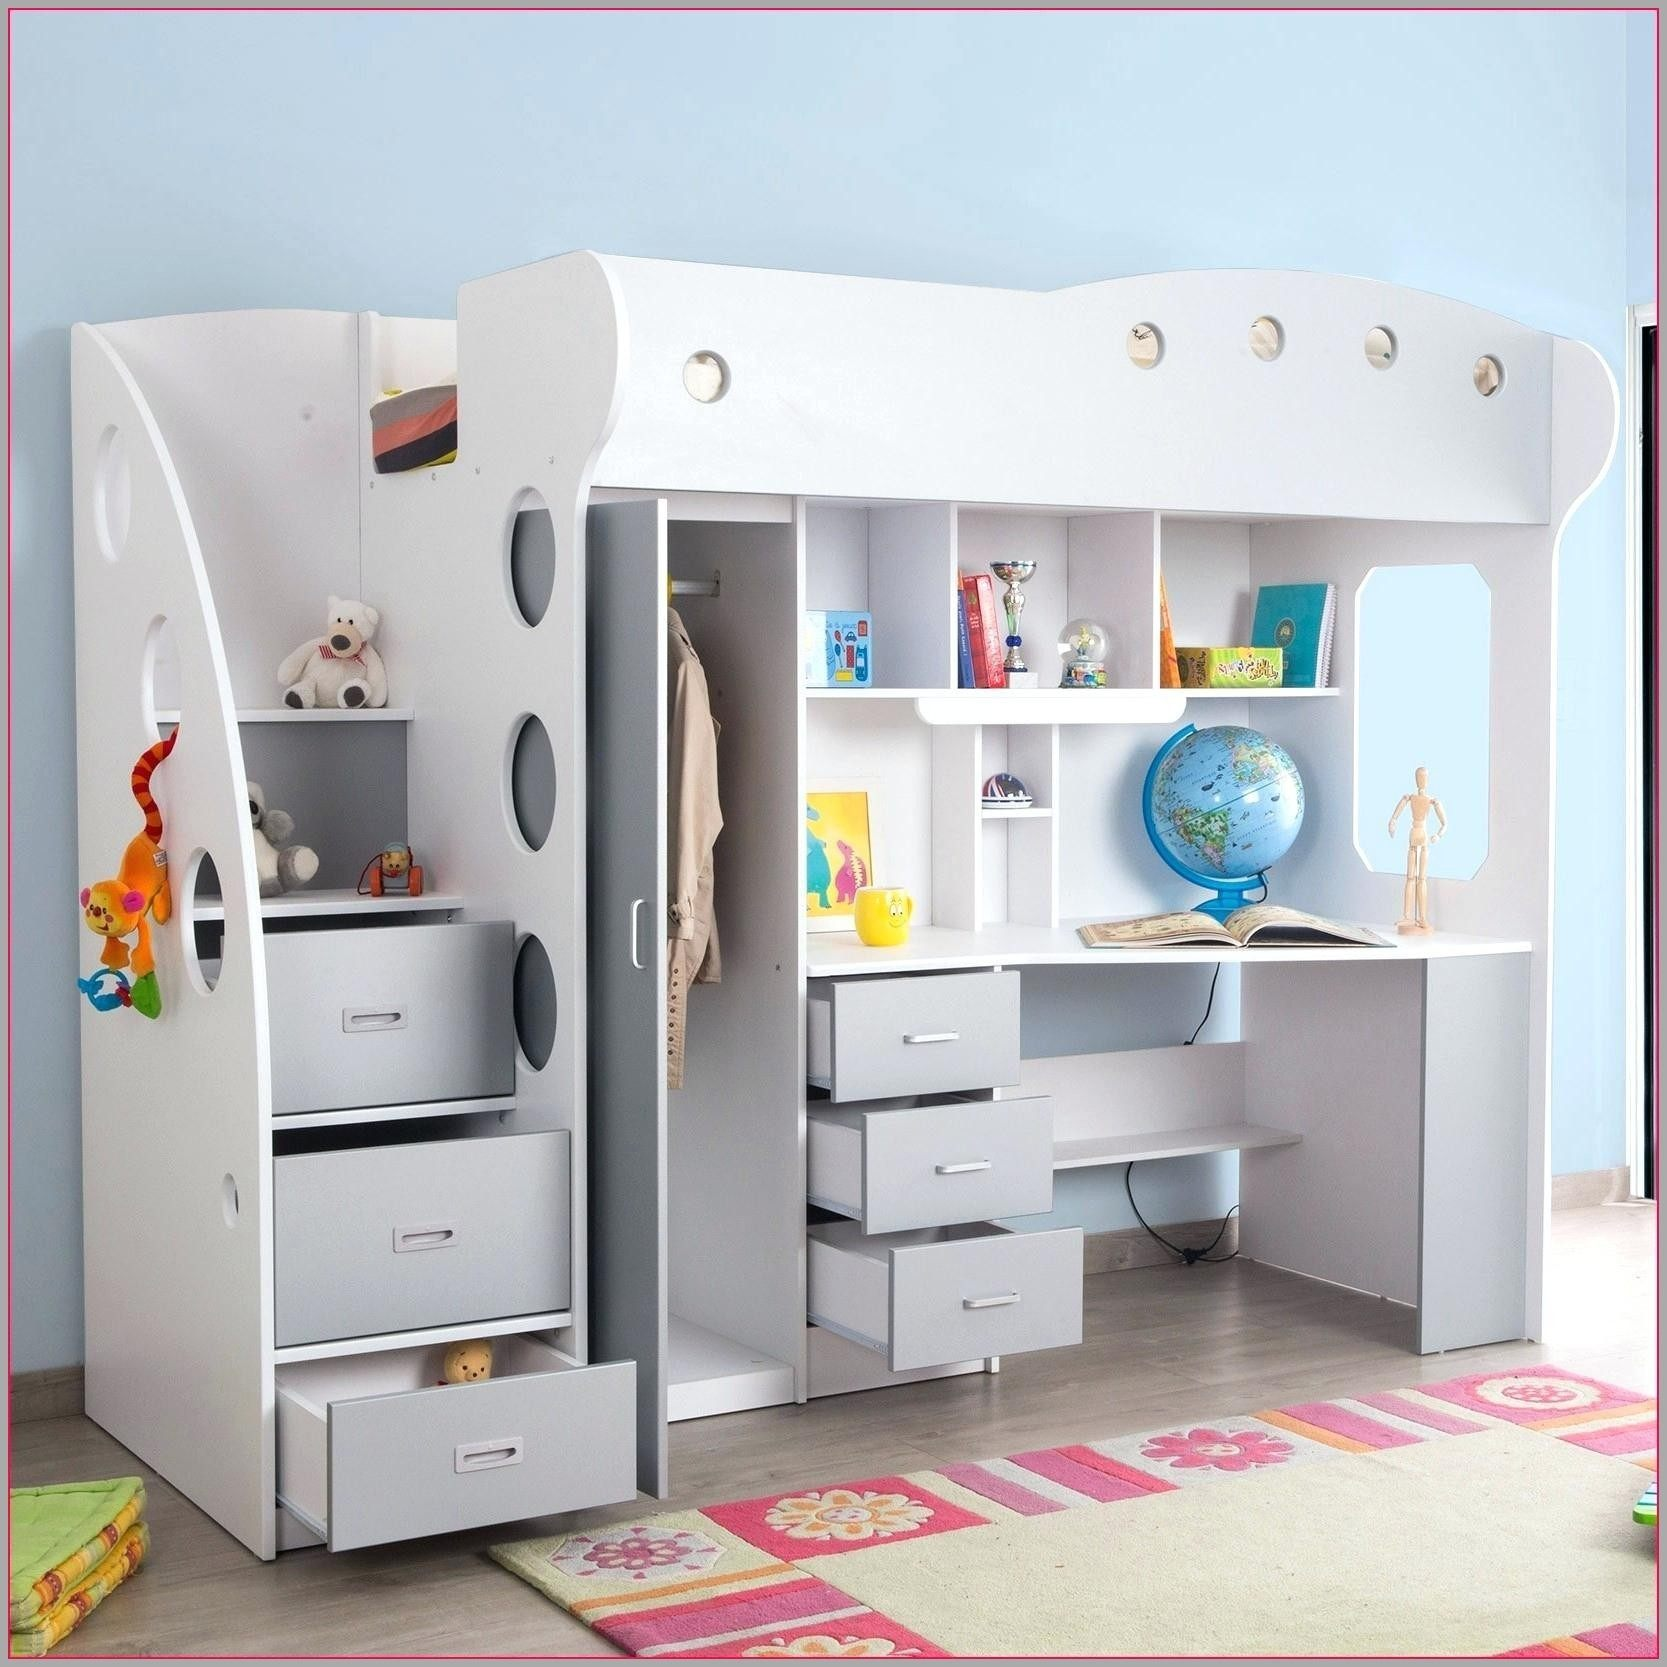 Lit Mezzanine Avec Bureau Et Armoire Belle Divin Lit Mezzanine Avec Bureau Et Armoire Dans Bureau Enfant Gain